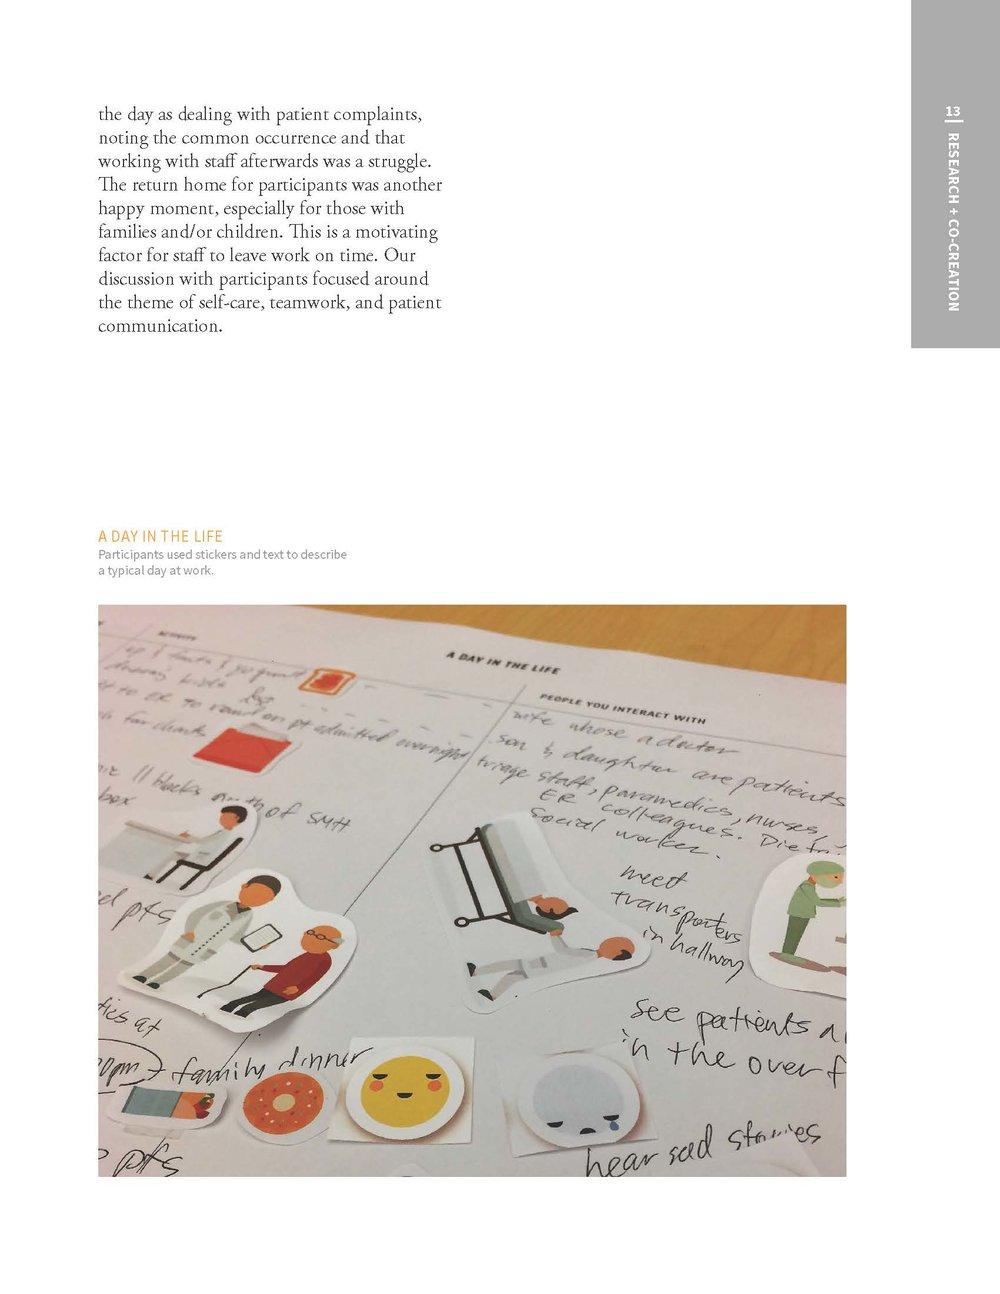 Copy of HDL_Fraser_Health_V4_Page_13.jpg